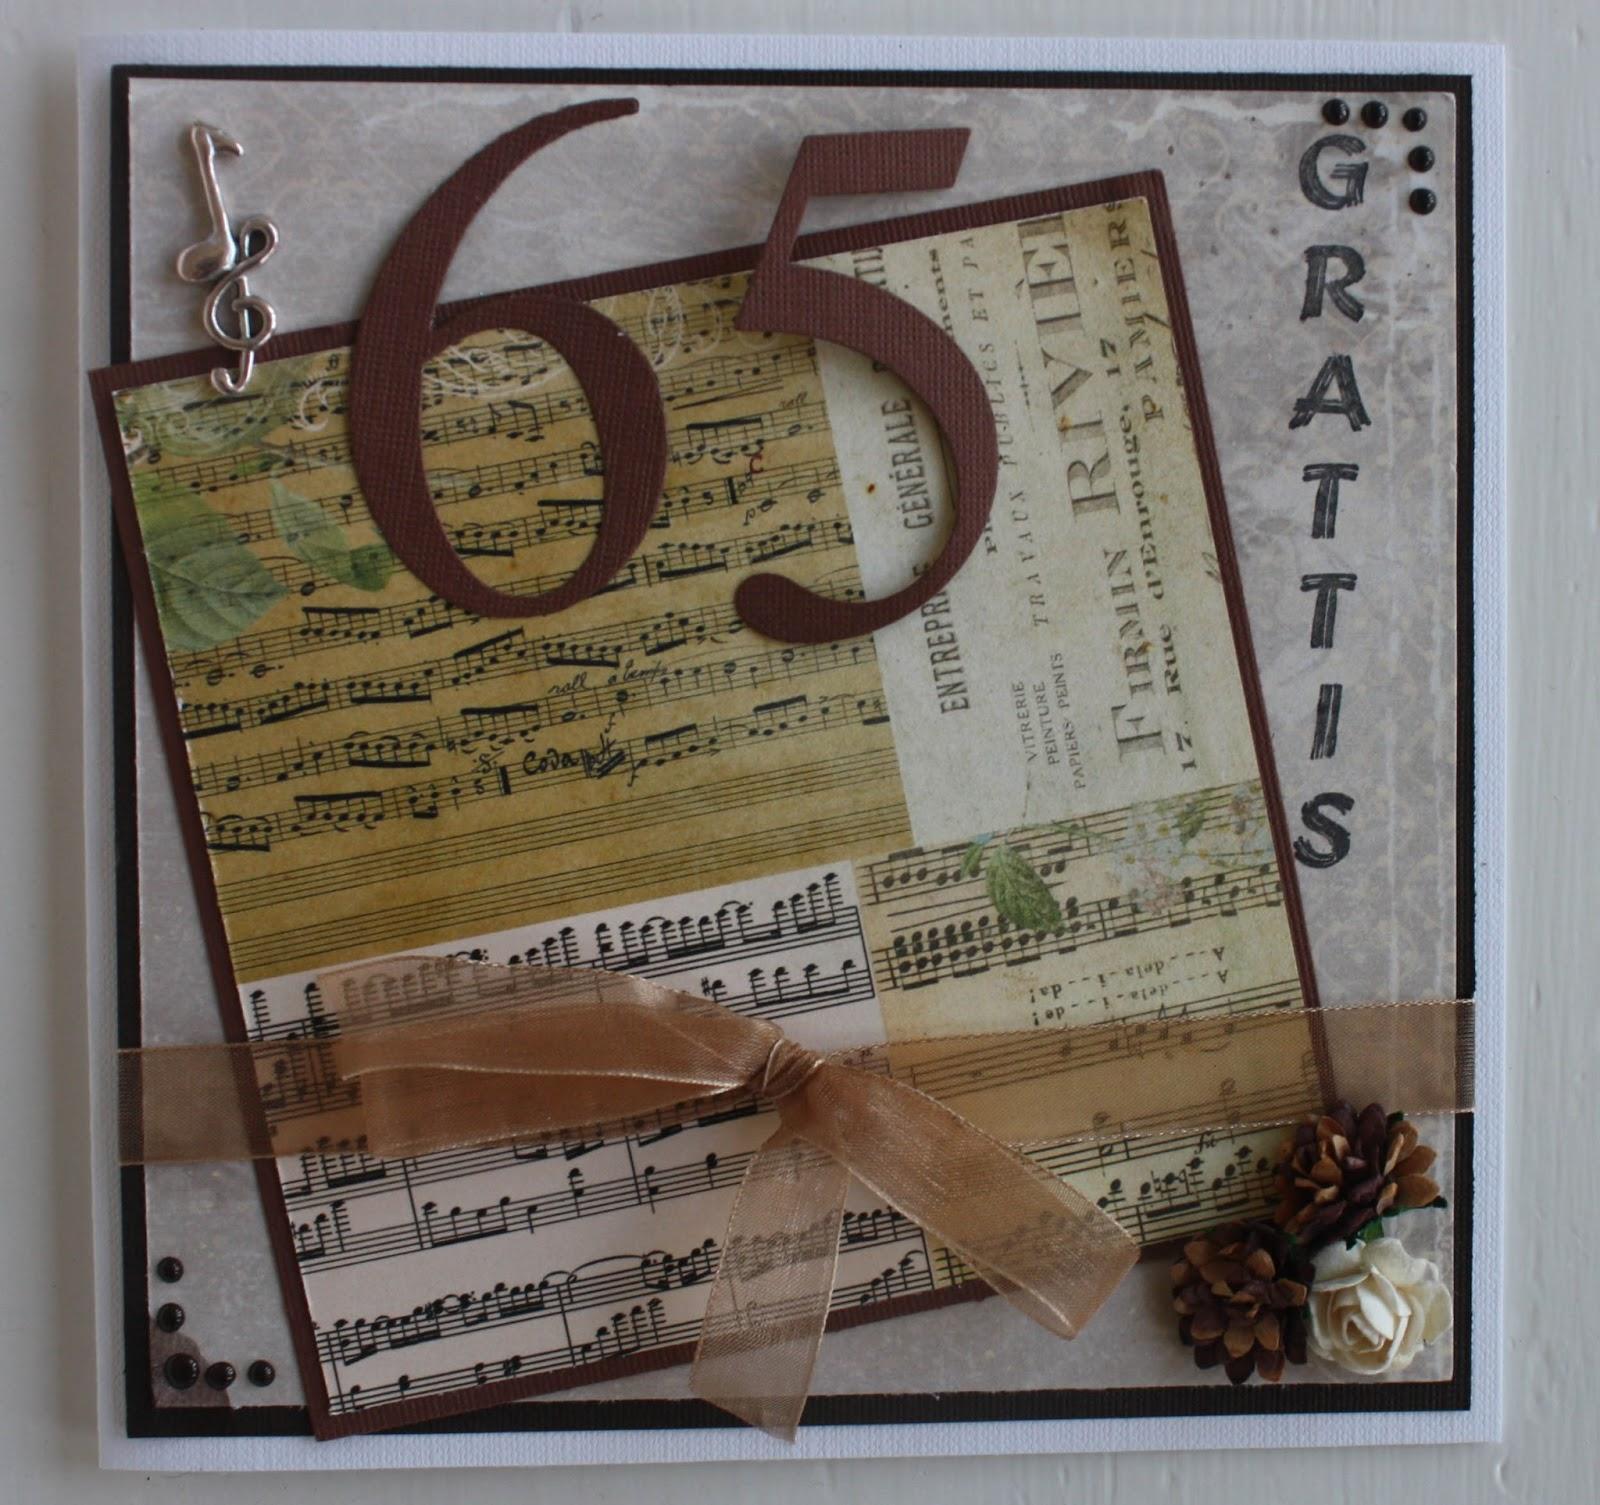 födelsedagskort 65 år Pyssel och Kort: juni 2013 födelsedagskort 65 år